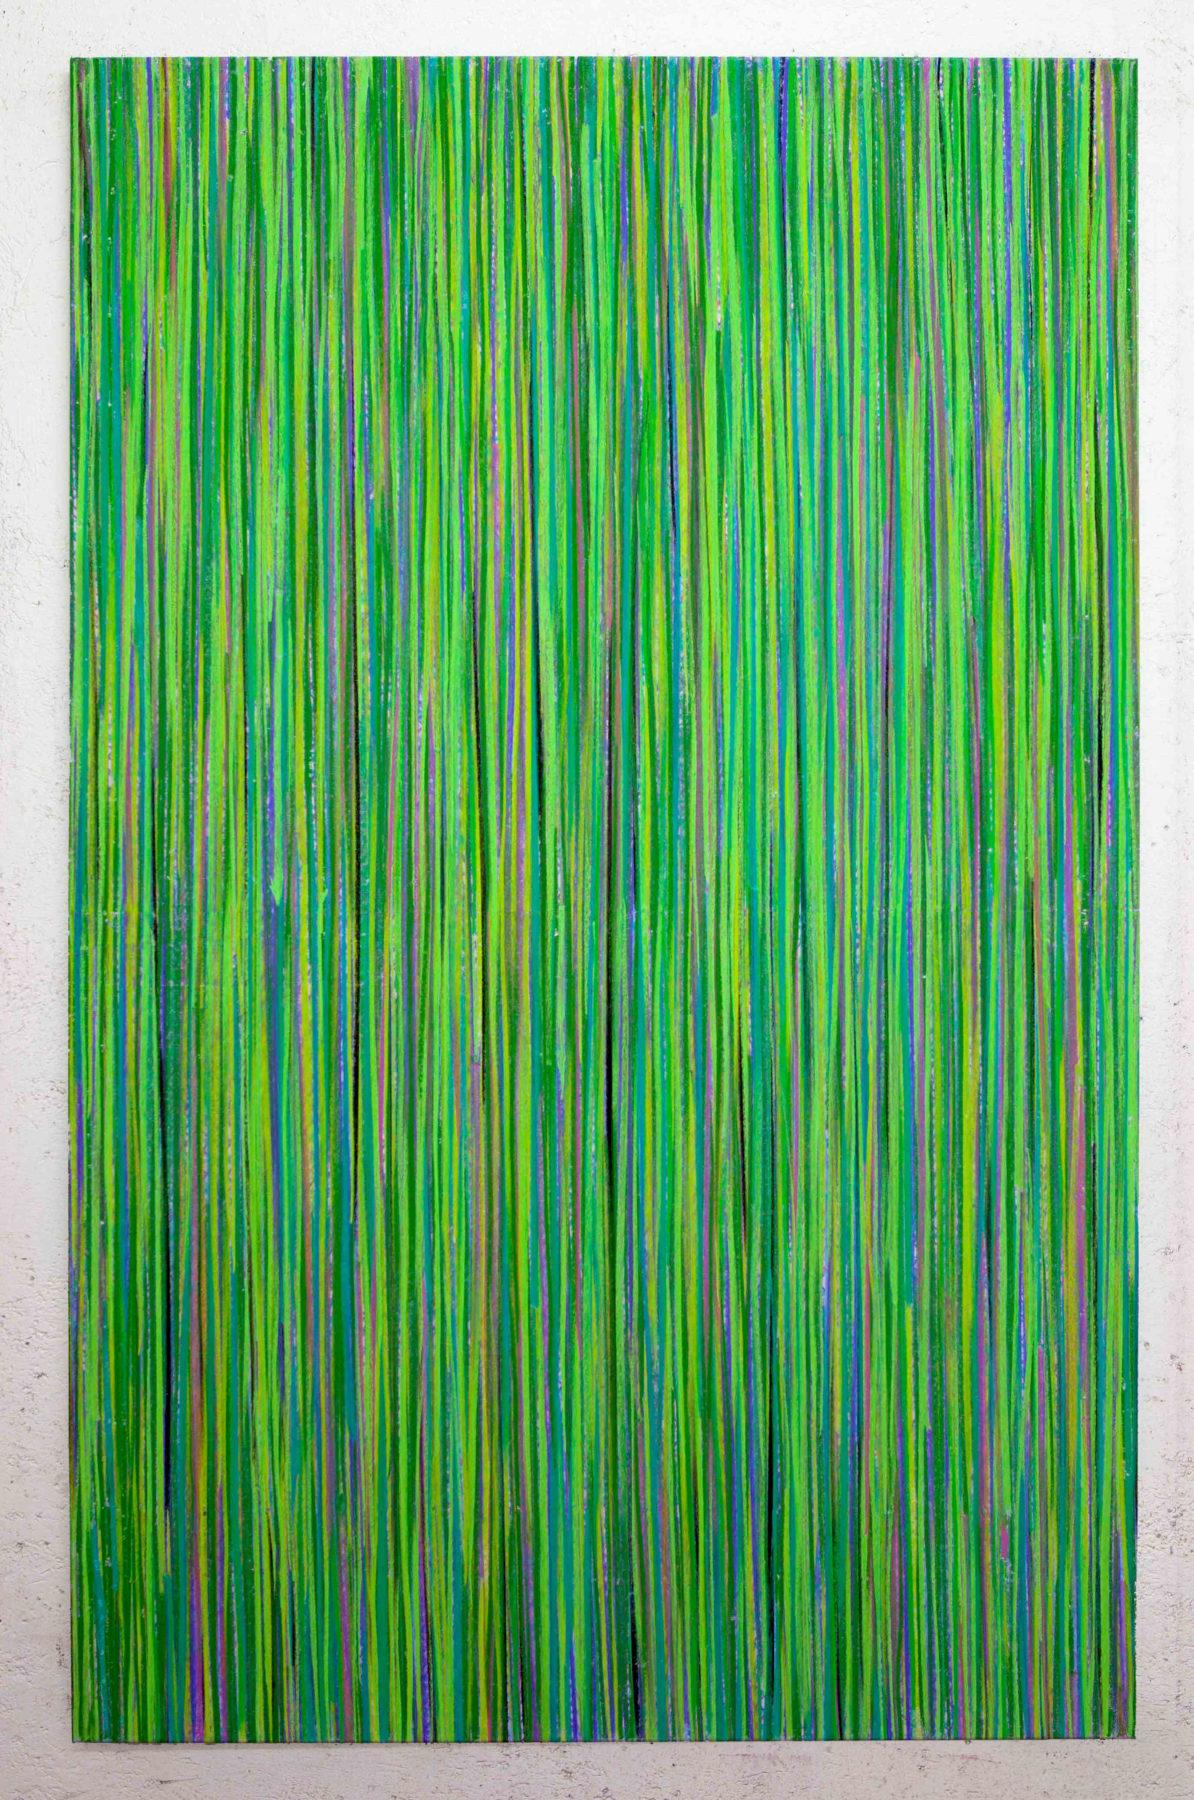 Luca Macauda, Alla testa dell'acqua, 2016, pastello morbido su tela, 190x120cm